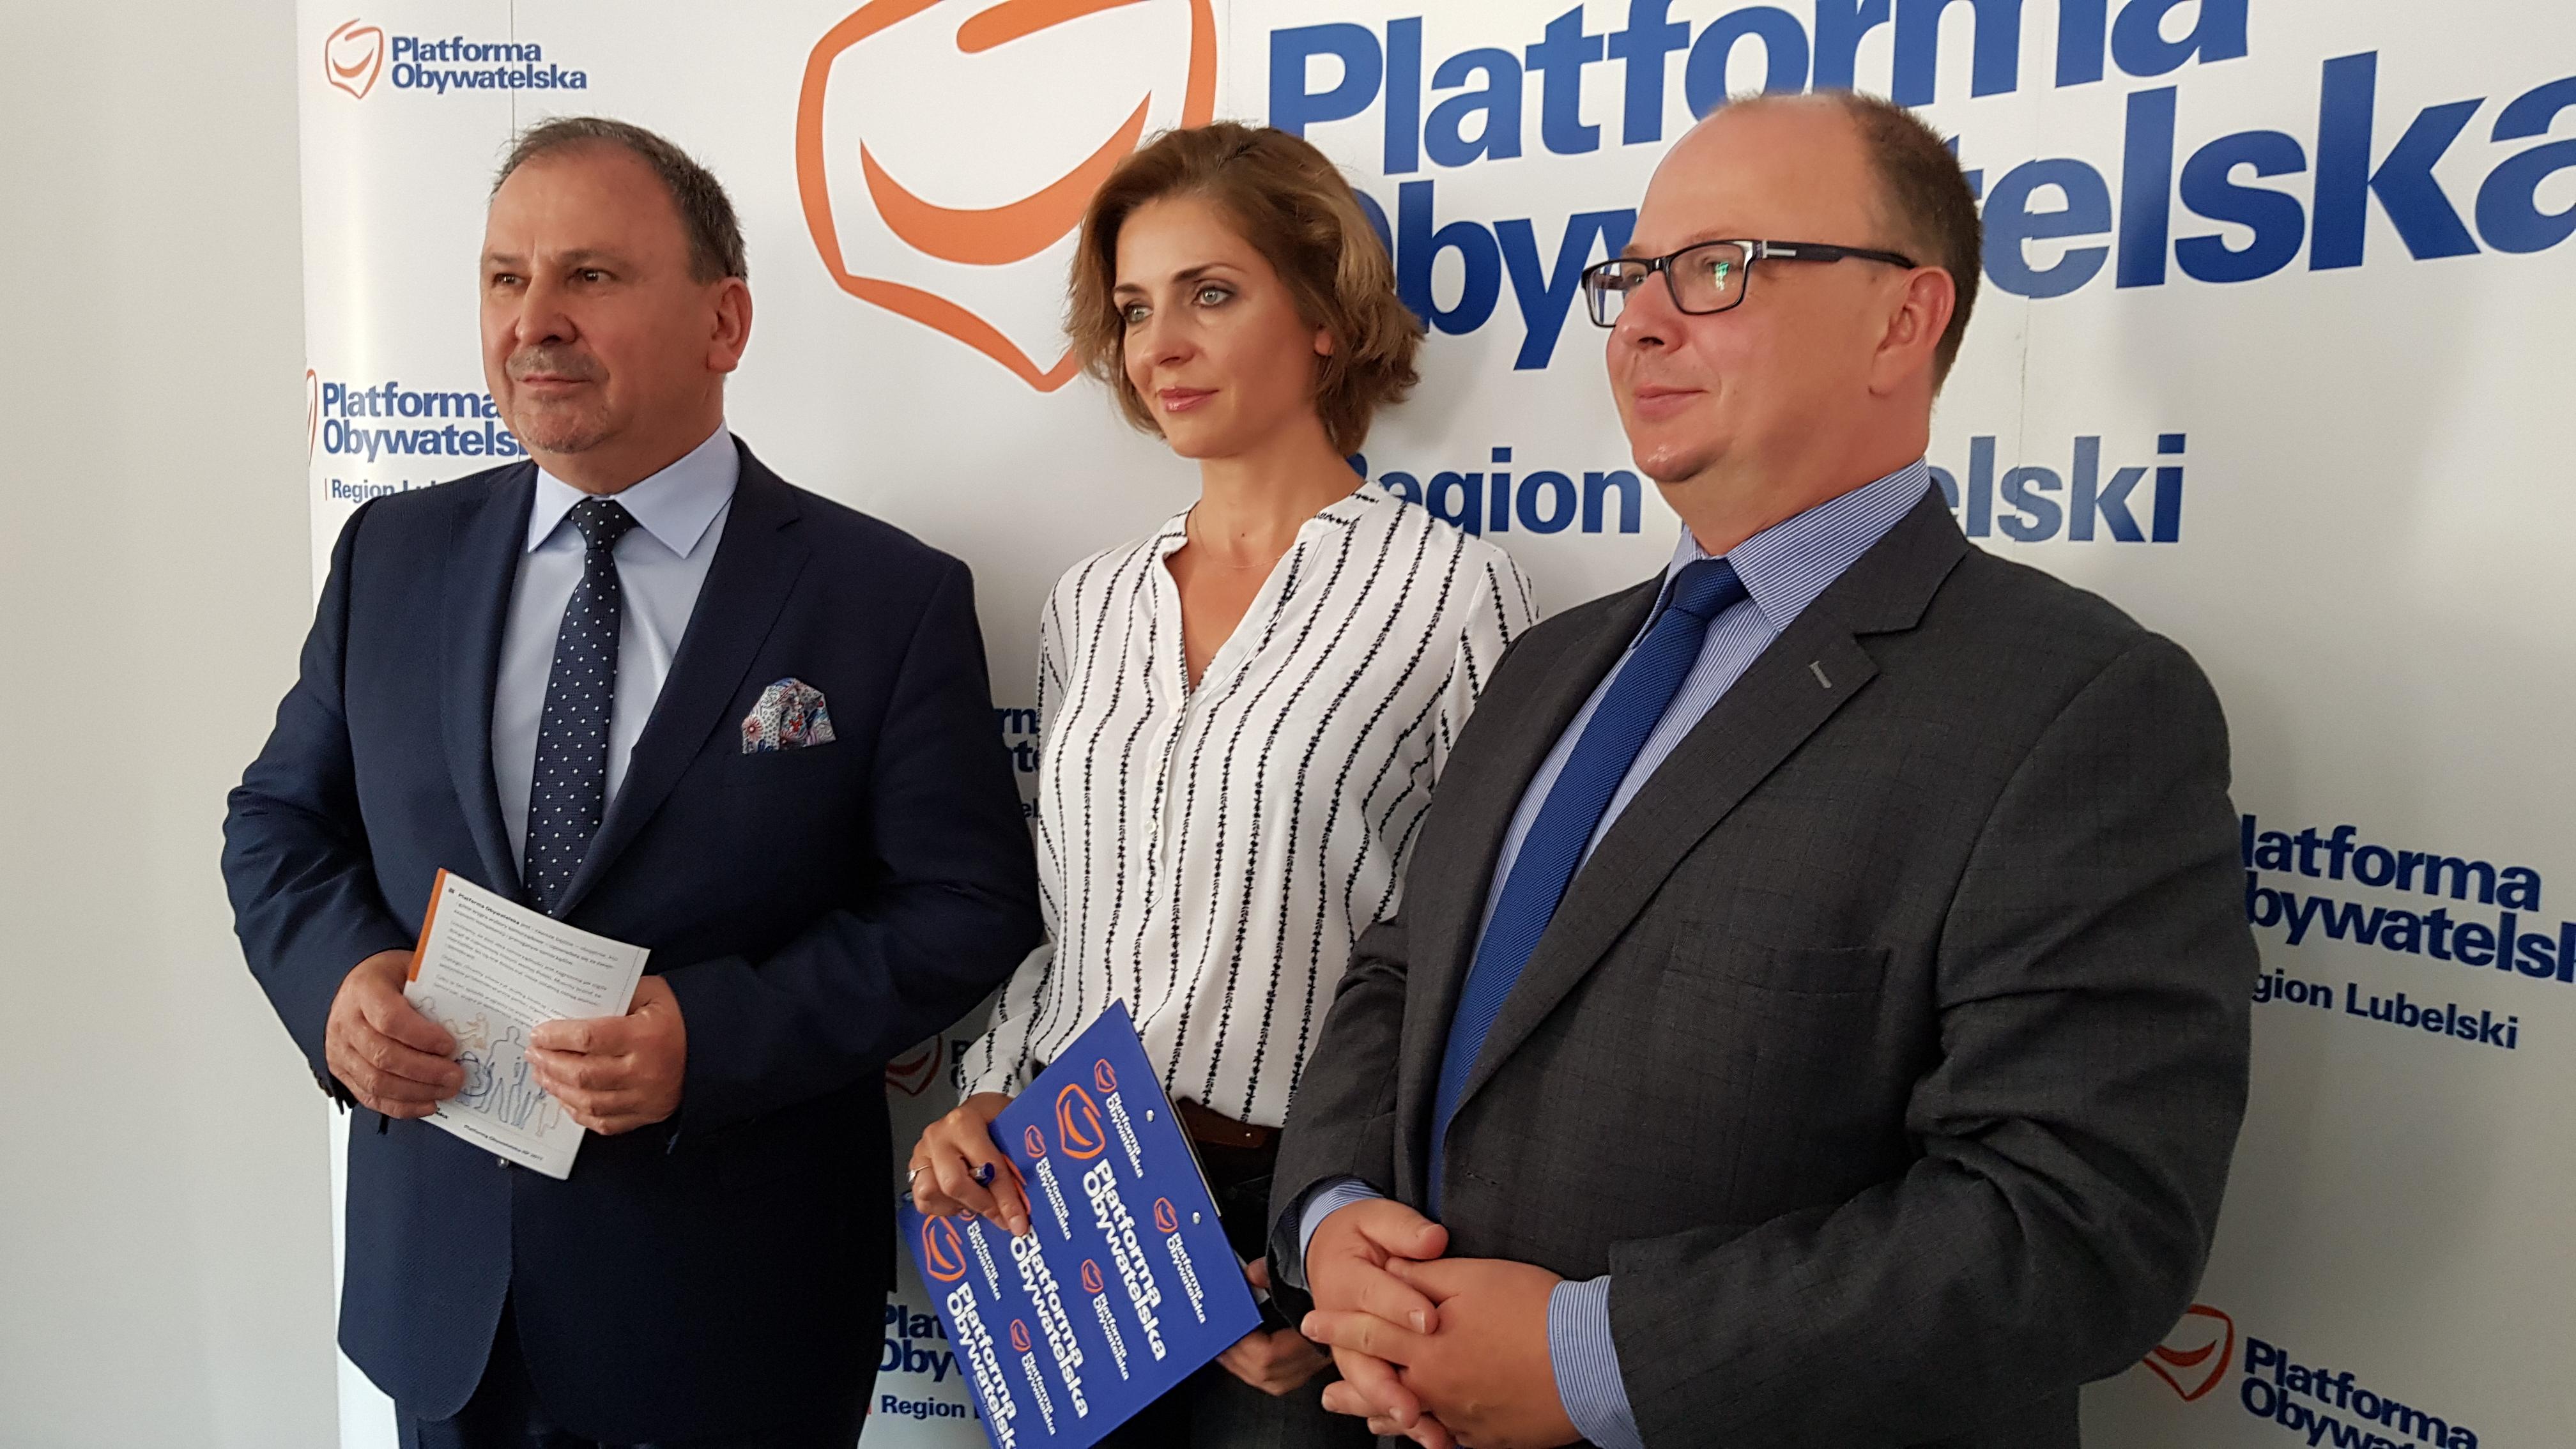 Wolontariusze Wolnych Wyborów mają czuwać nad rzetelnością przebiegu nadchodzących wyborów samorządowych